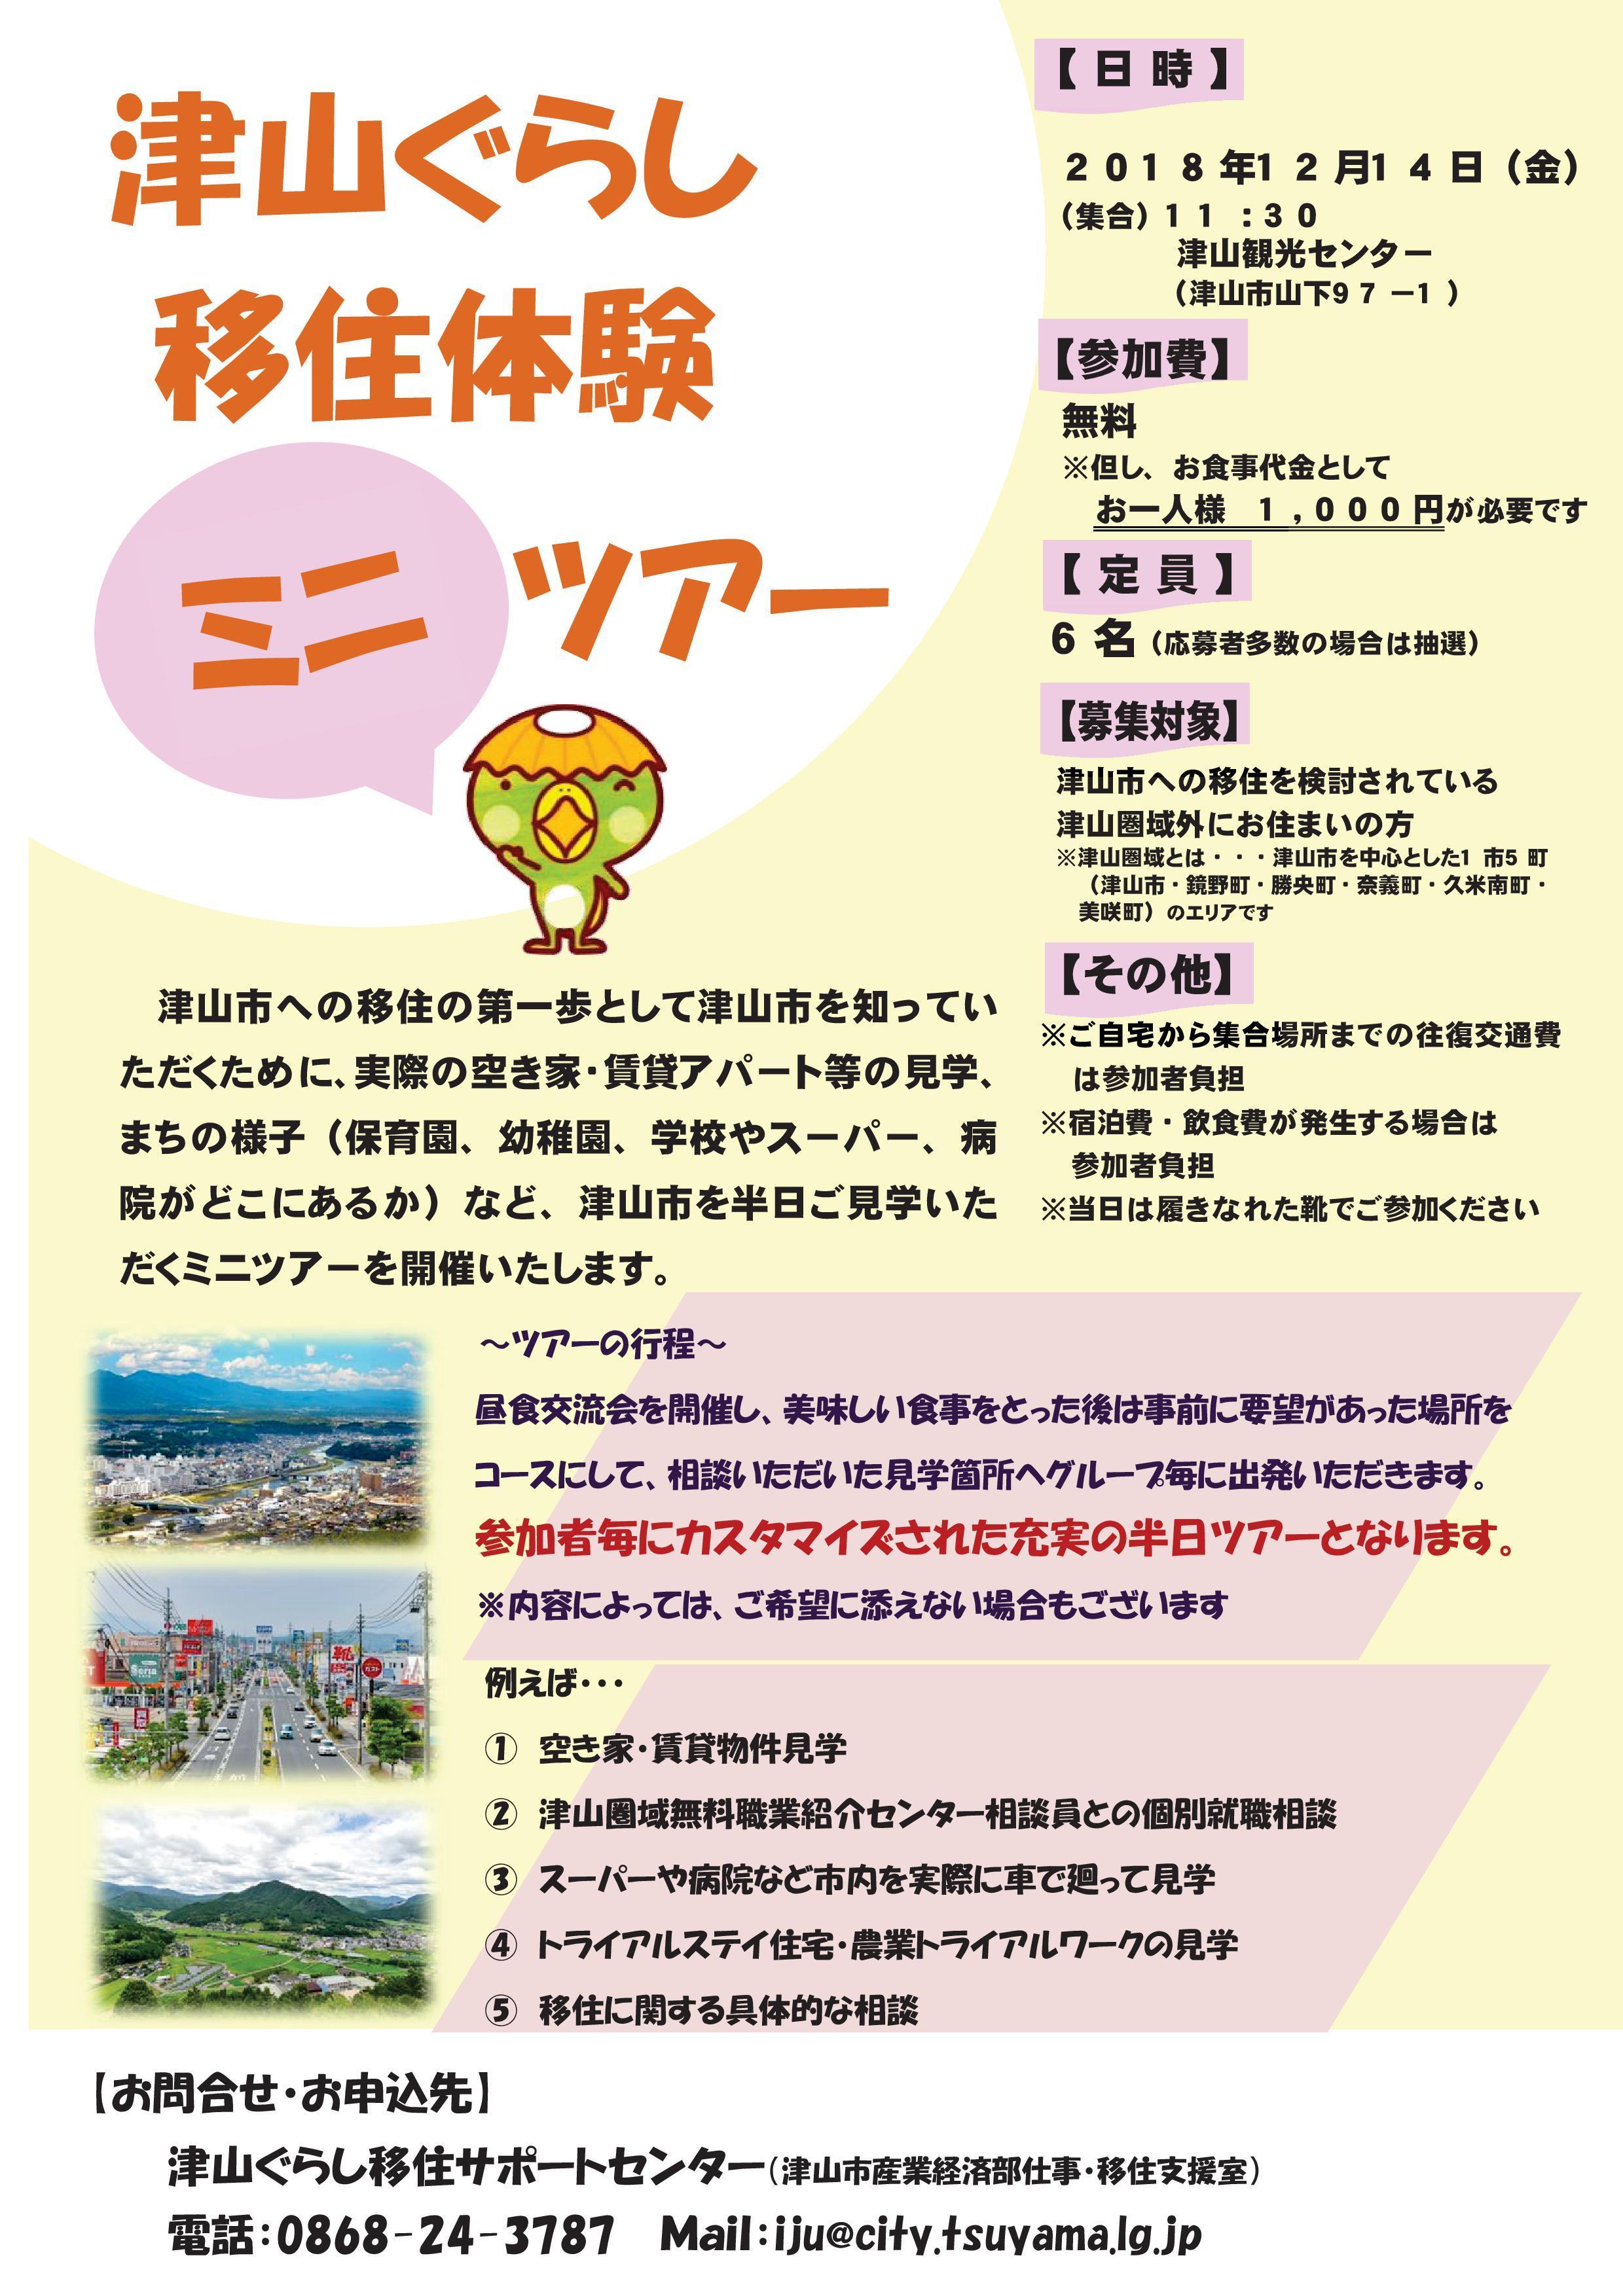 2018年12月14日(金)開催 津山ぐらし移住体験ミニツアー のお知らせ